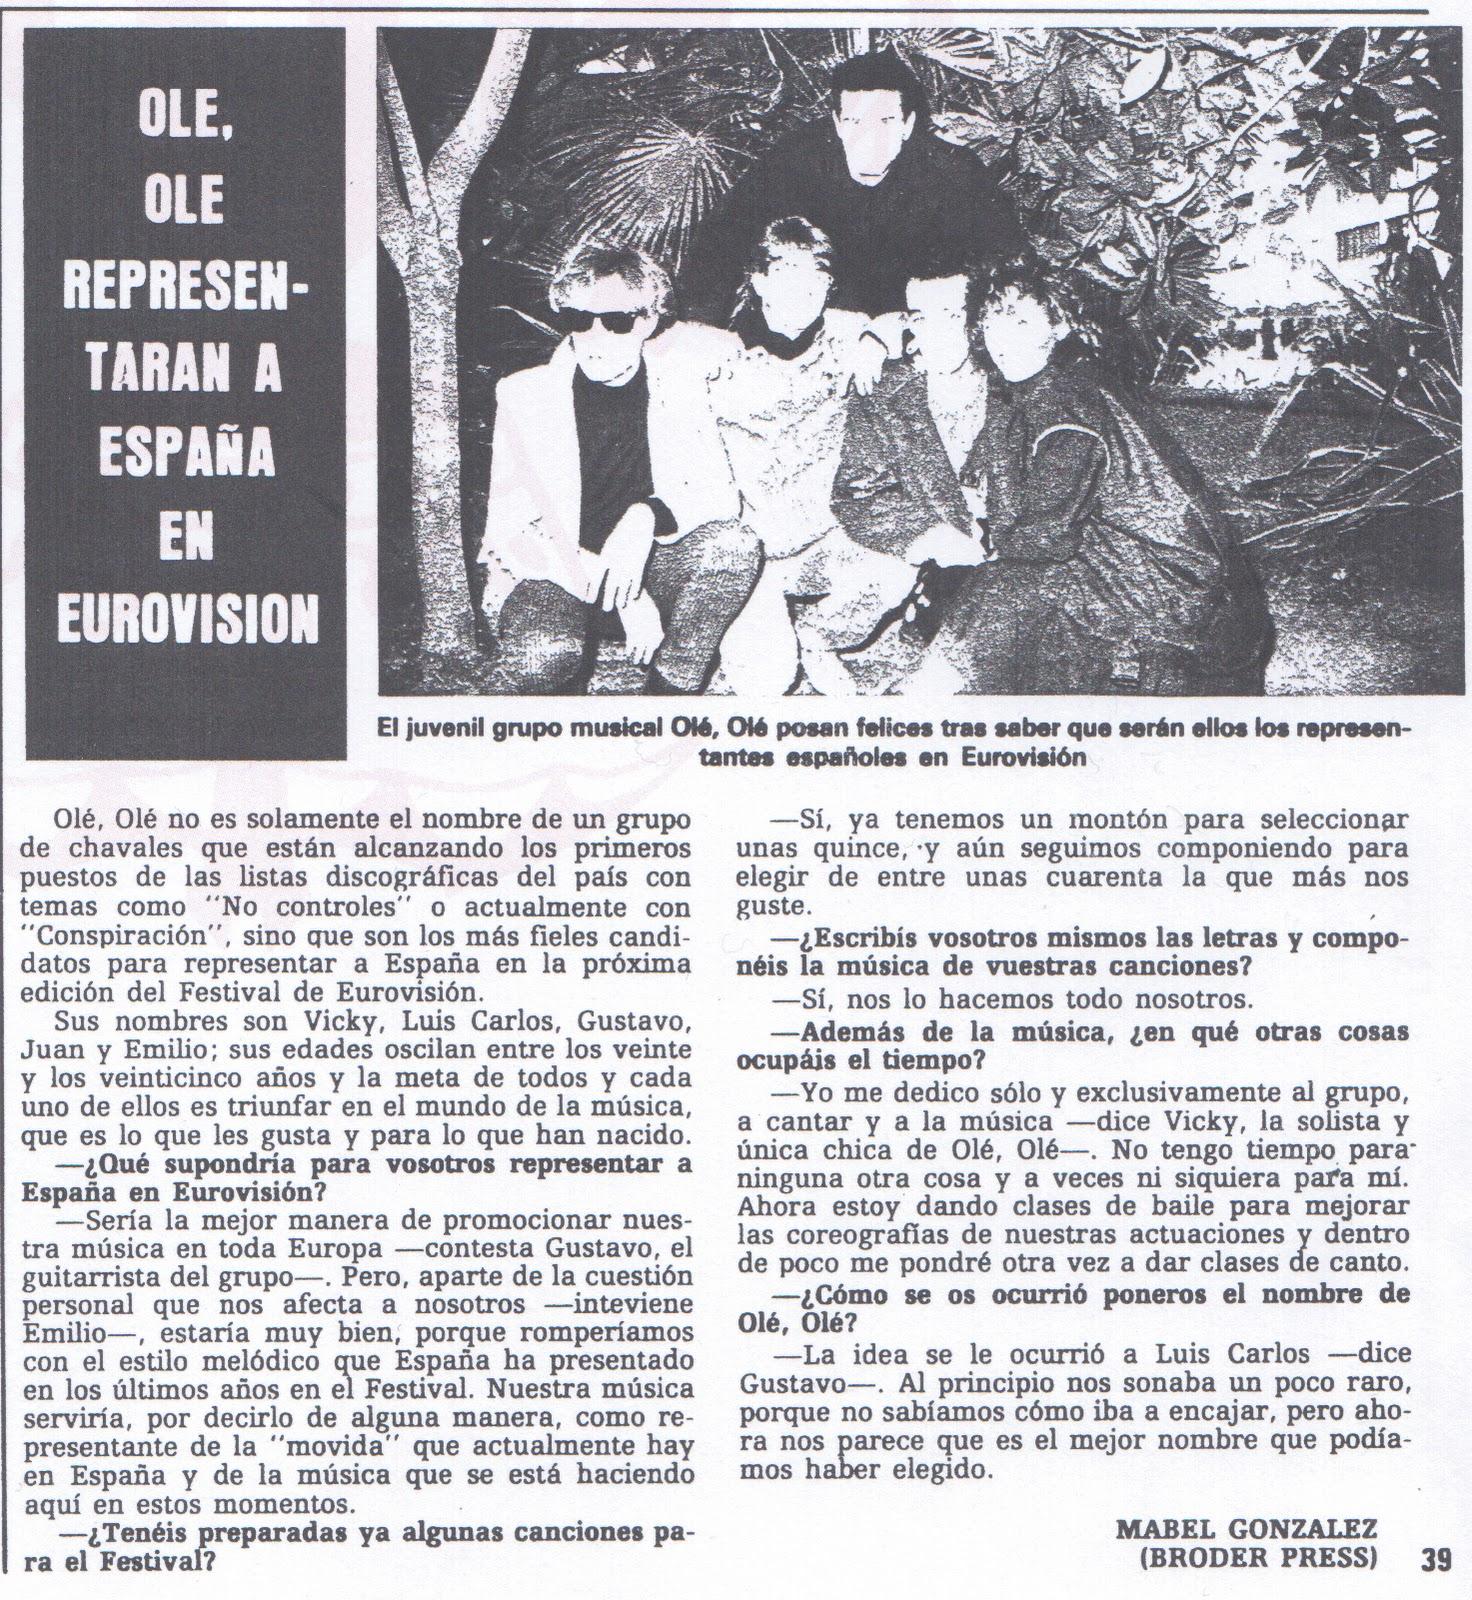 ole-ole-eurovision-1984